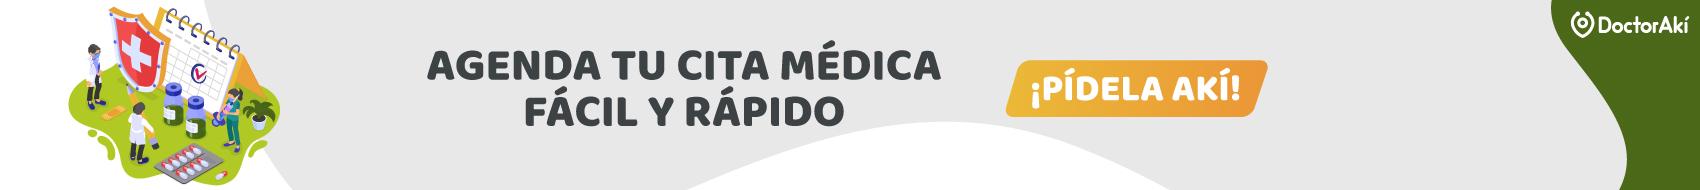 Cita médica sin precio - 1700 x 190